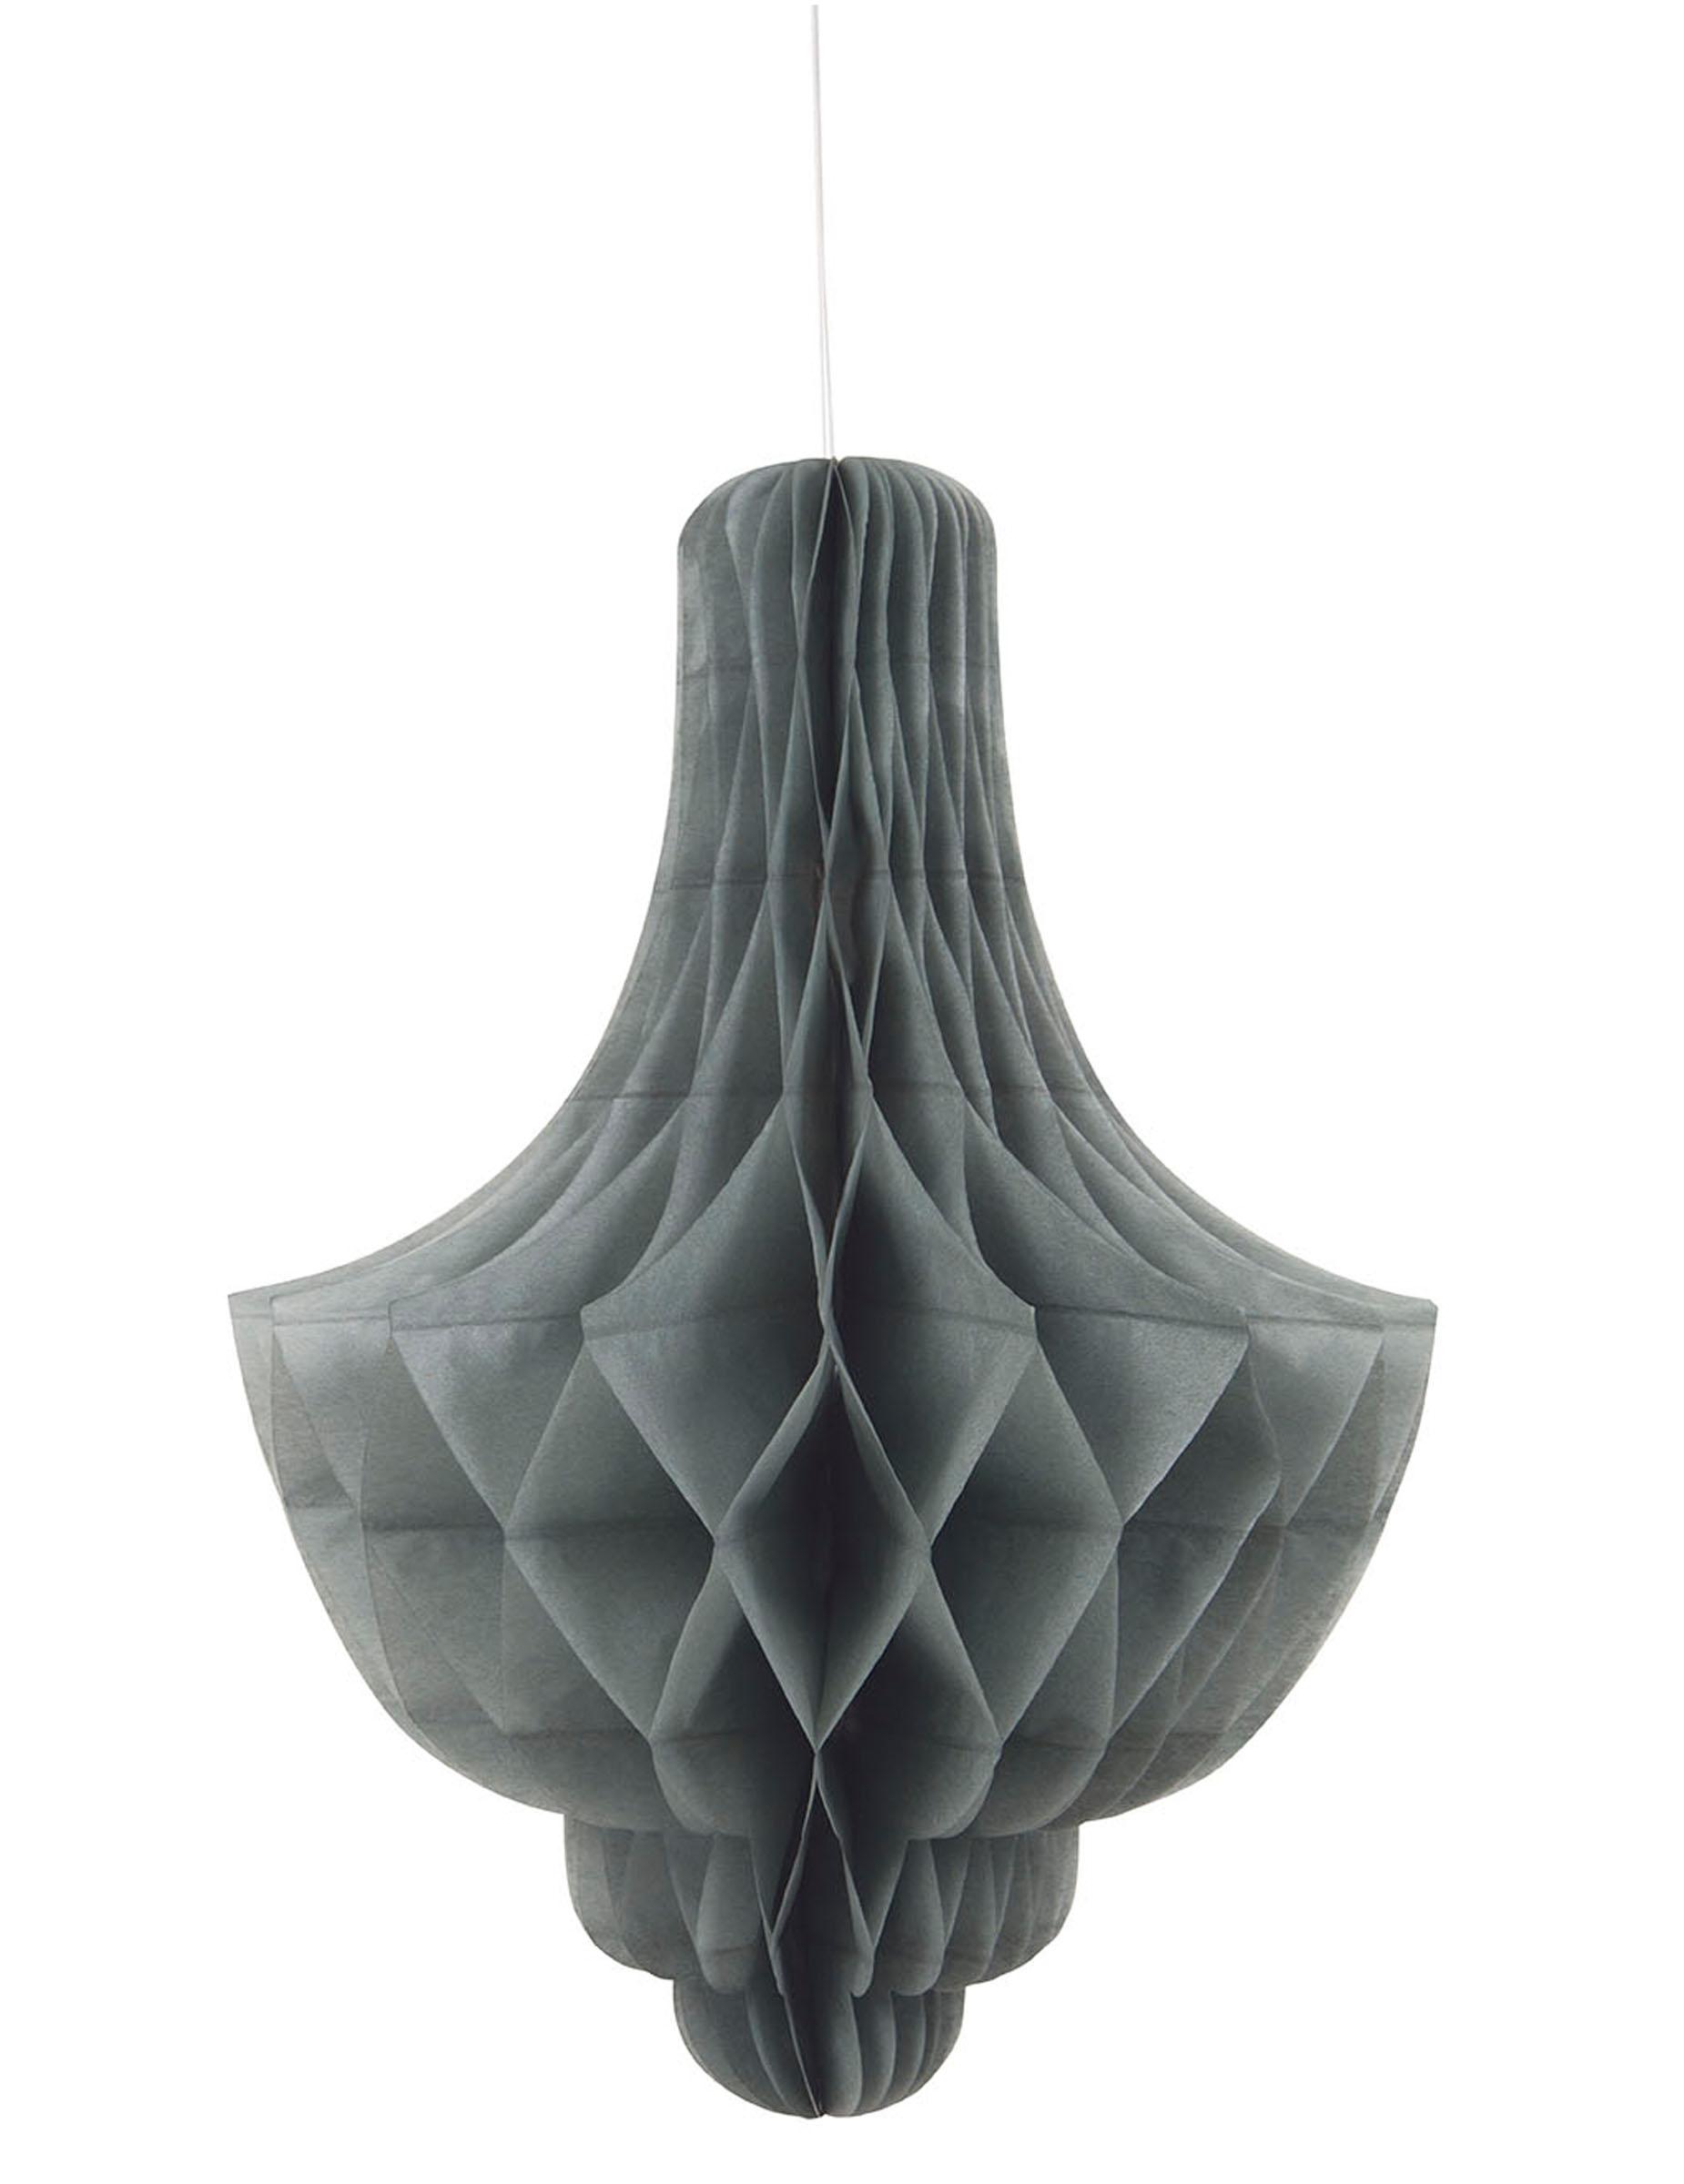 D coration suspendre chandelier en papier gris d coration anniversaire et - Decoration a suspendre ...